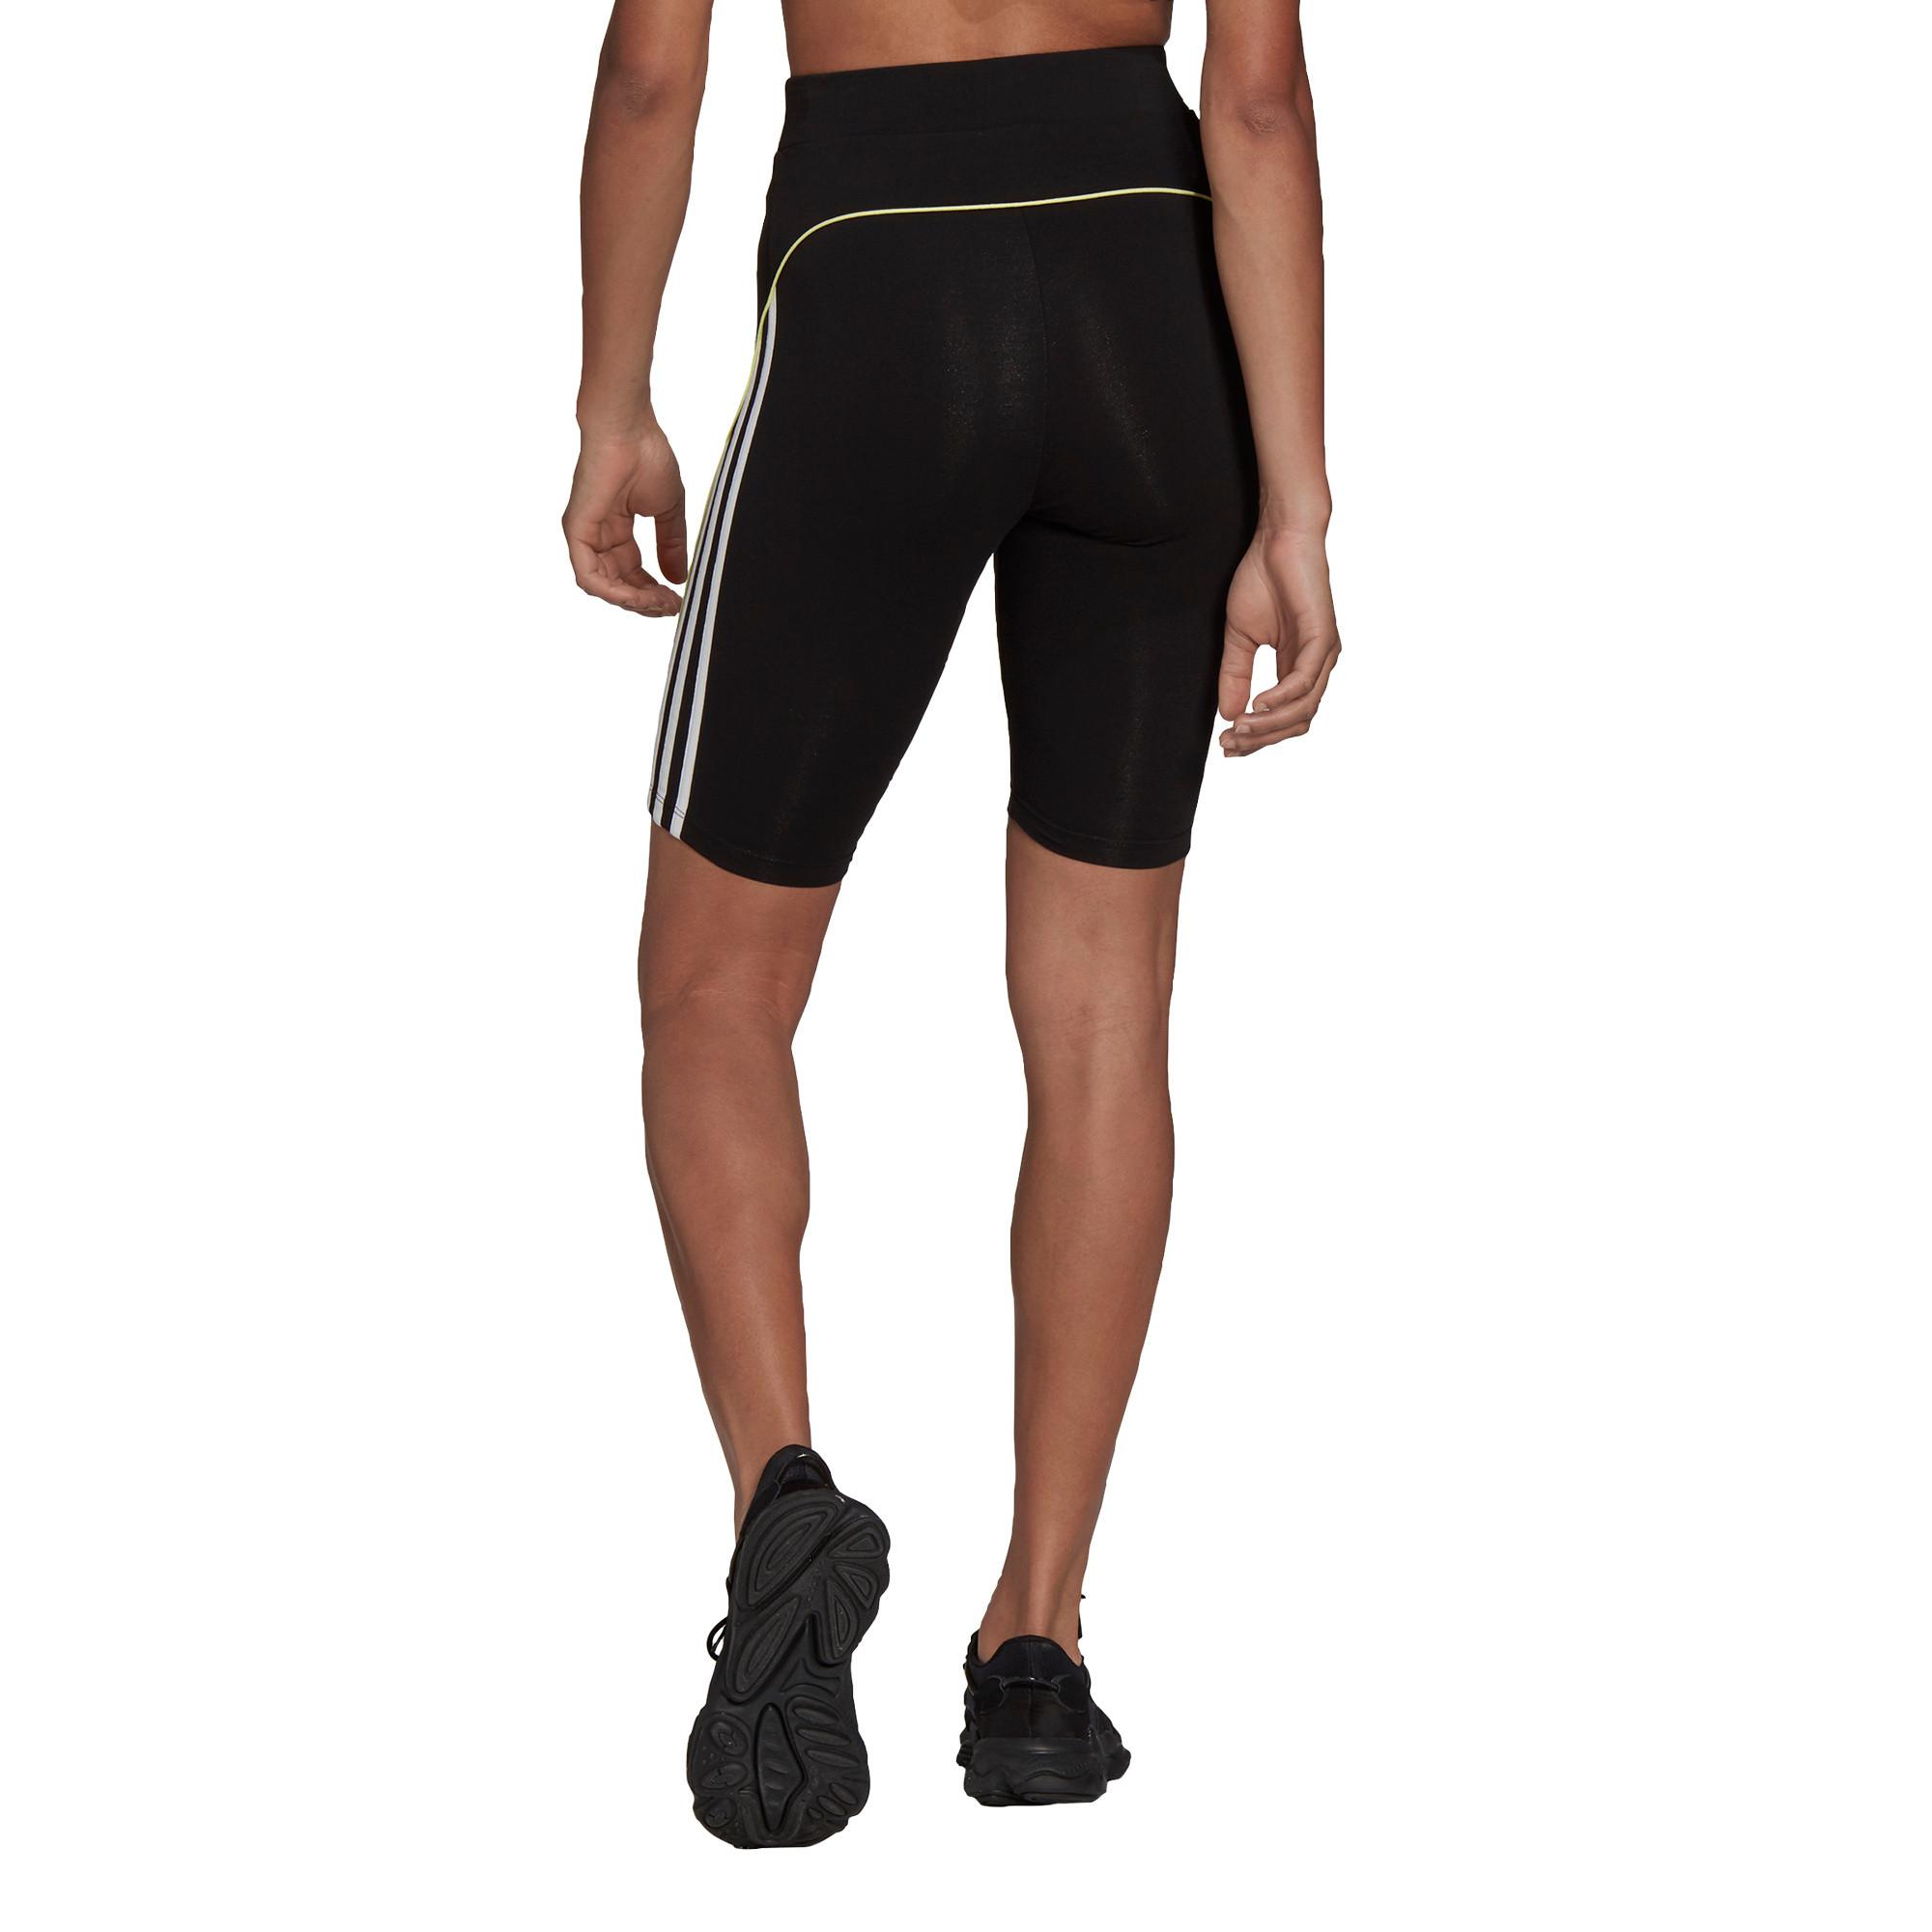 Shorts a vita alta con bordino corto, Nero, large image number 1